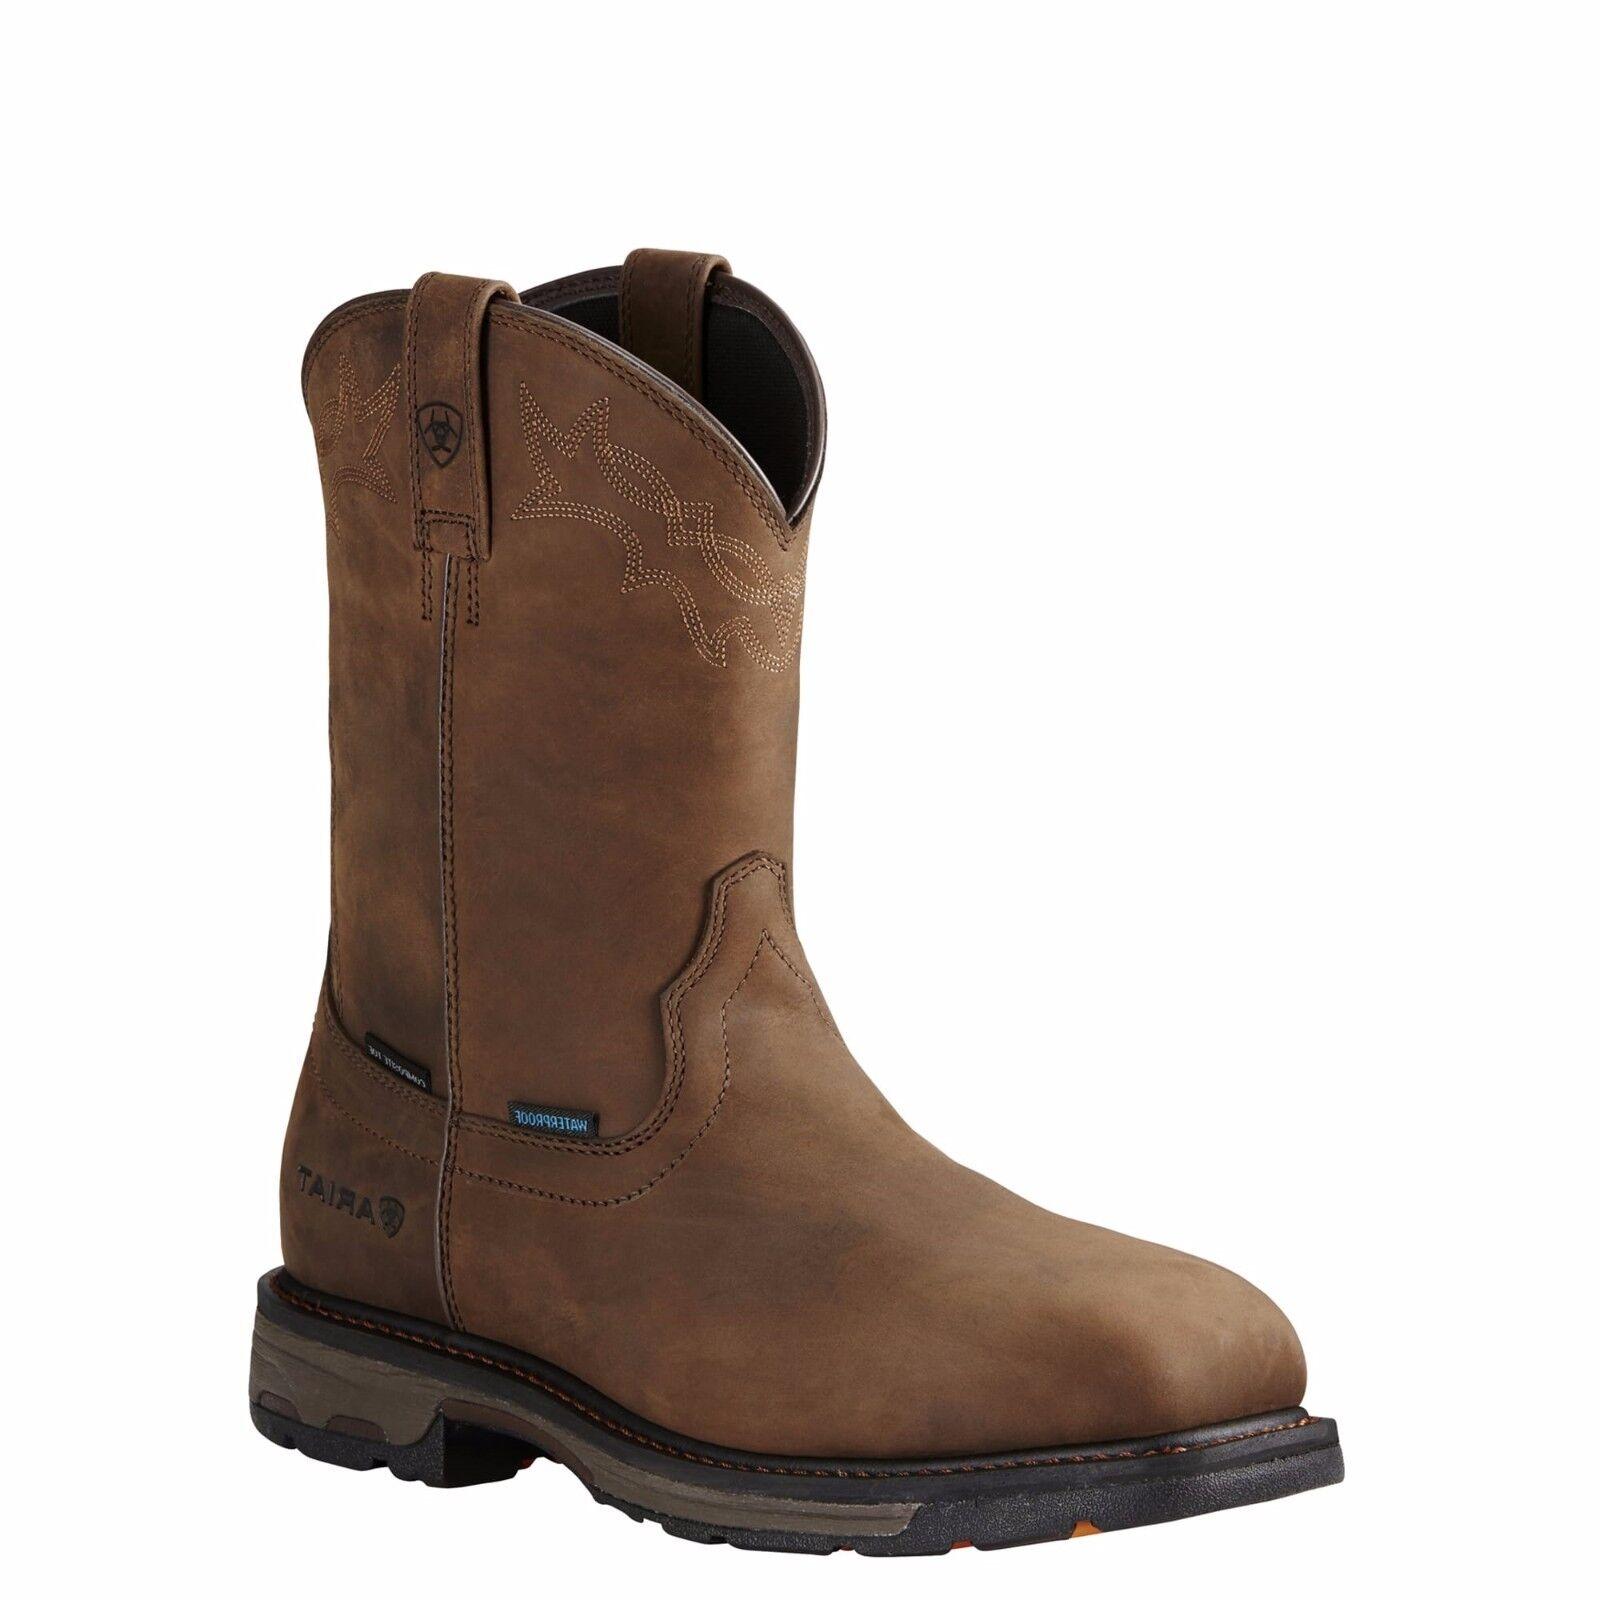 Ariat ® para hombre Workhog Cuadrado Composite Toe H2O Marrón botas De Trabajo 10020092